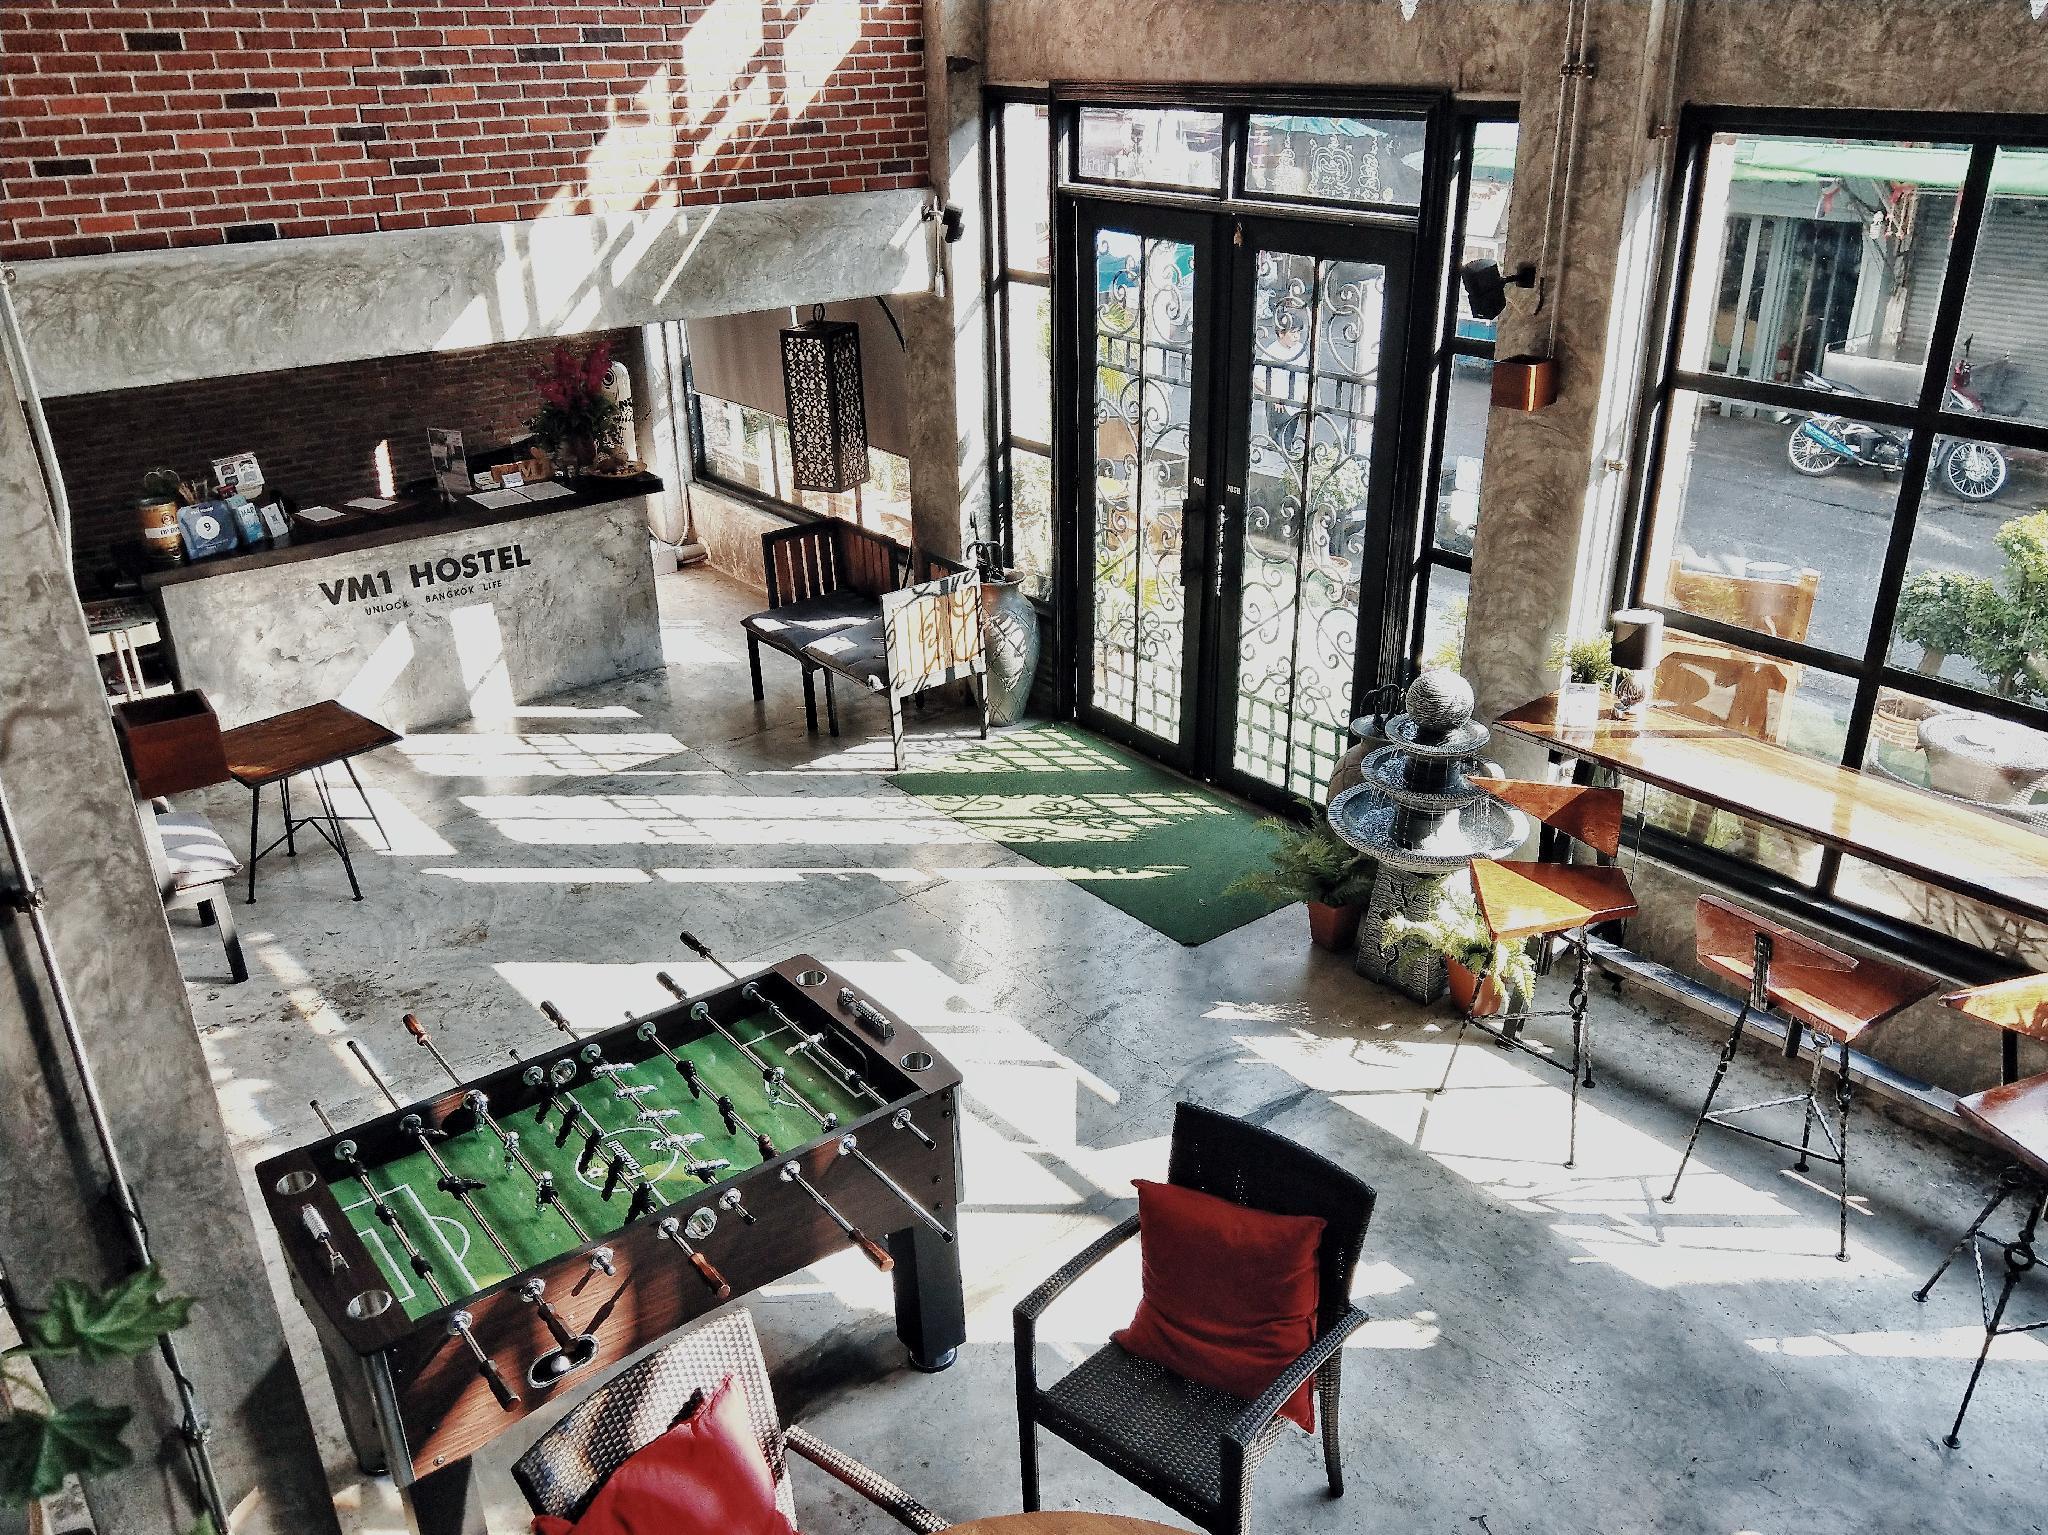 VM1 Hostel